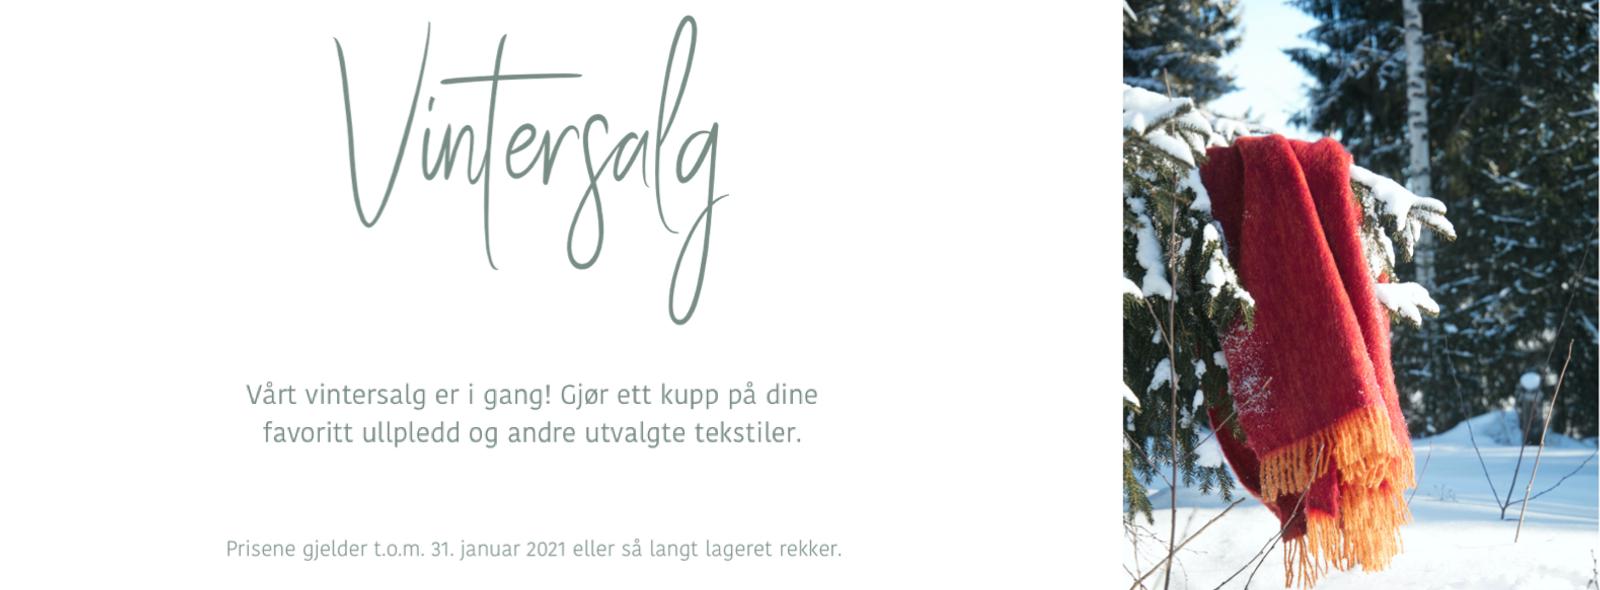 Gjør ett kupp på dine favoritt ullpledd og andre utvalgte tekstiler fra det finske merket Lapuan Kankurit.